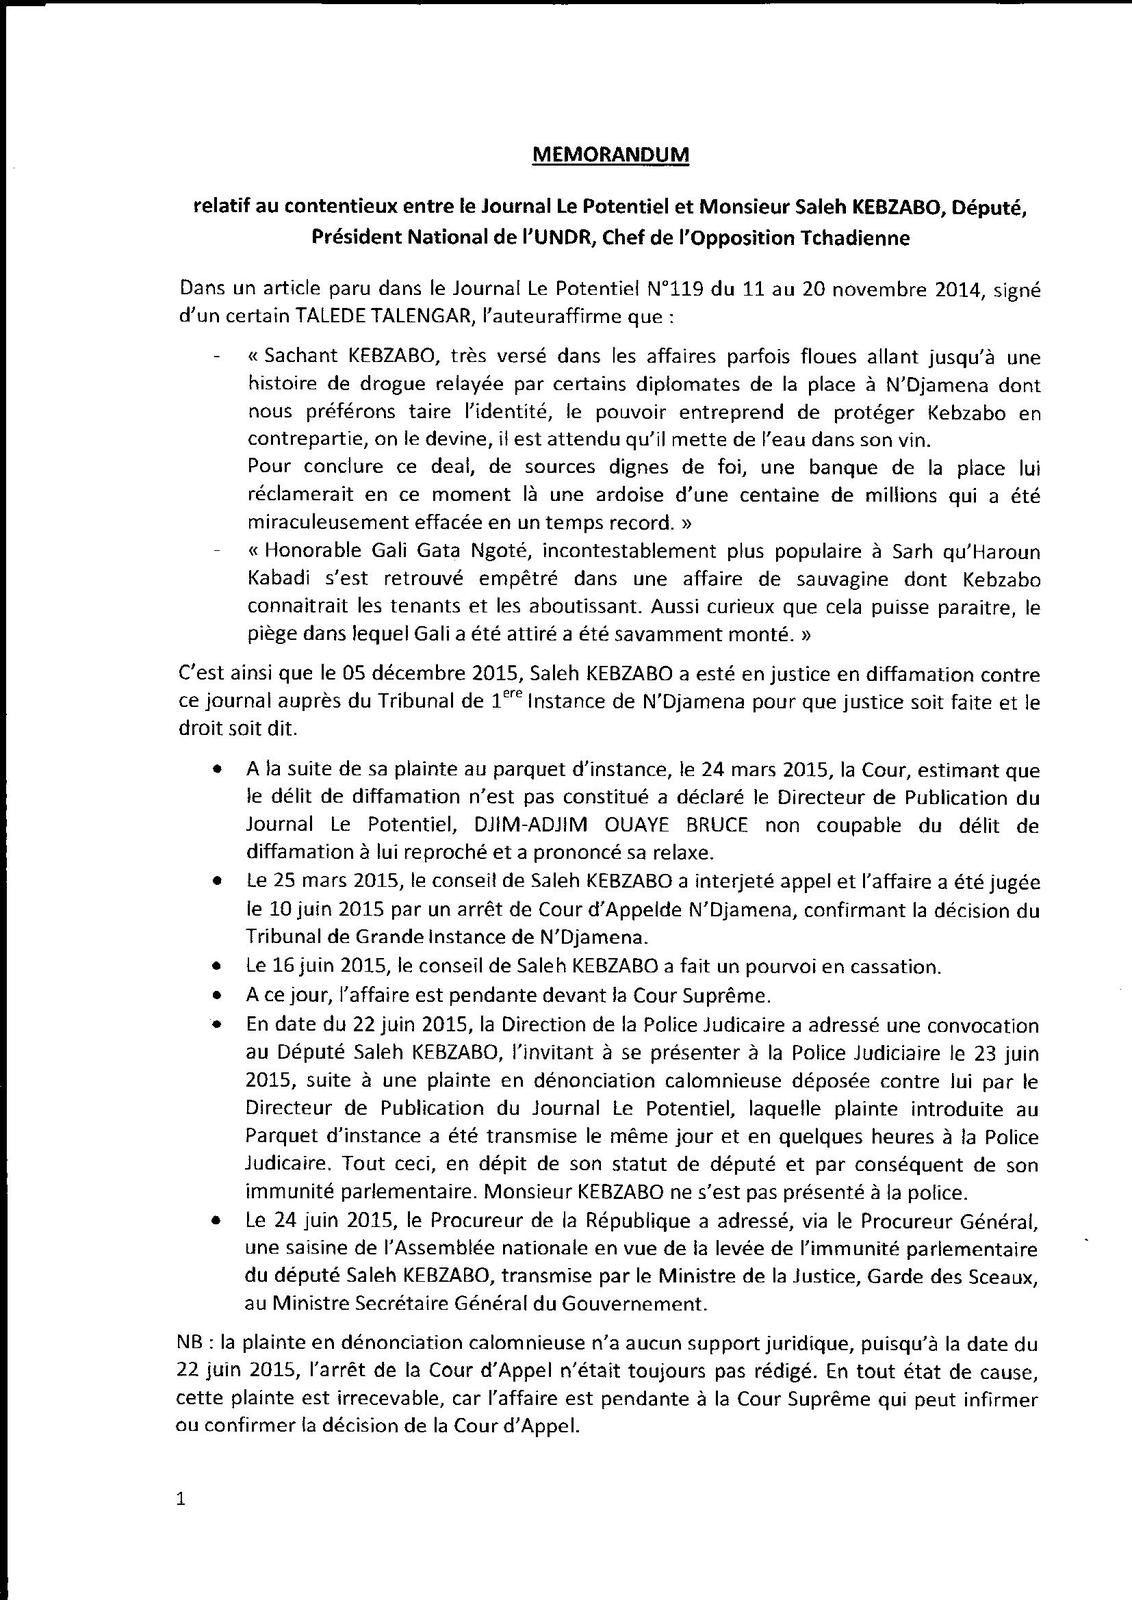 Affaire de diffamation de Kebzabo: la plainte de dénonciation n'a aucun support juridique